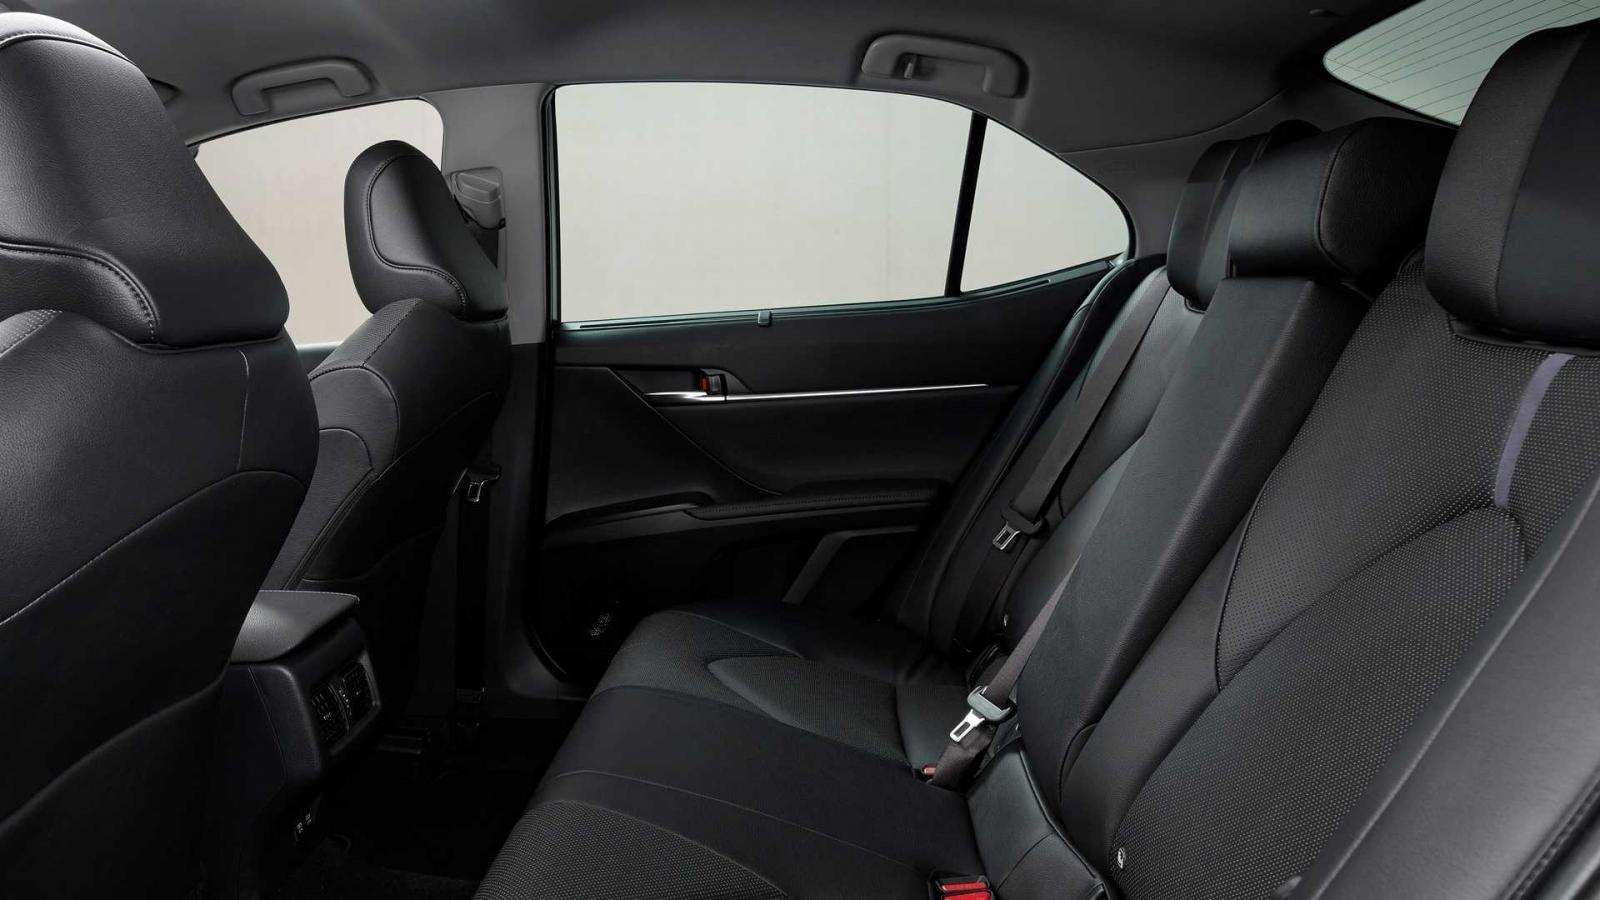 Toyota Camry 2021 nâng cấp mới hiện đại và cao cấp hơn.